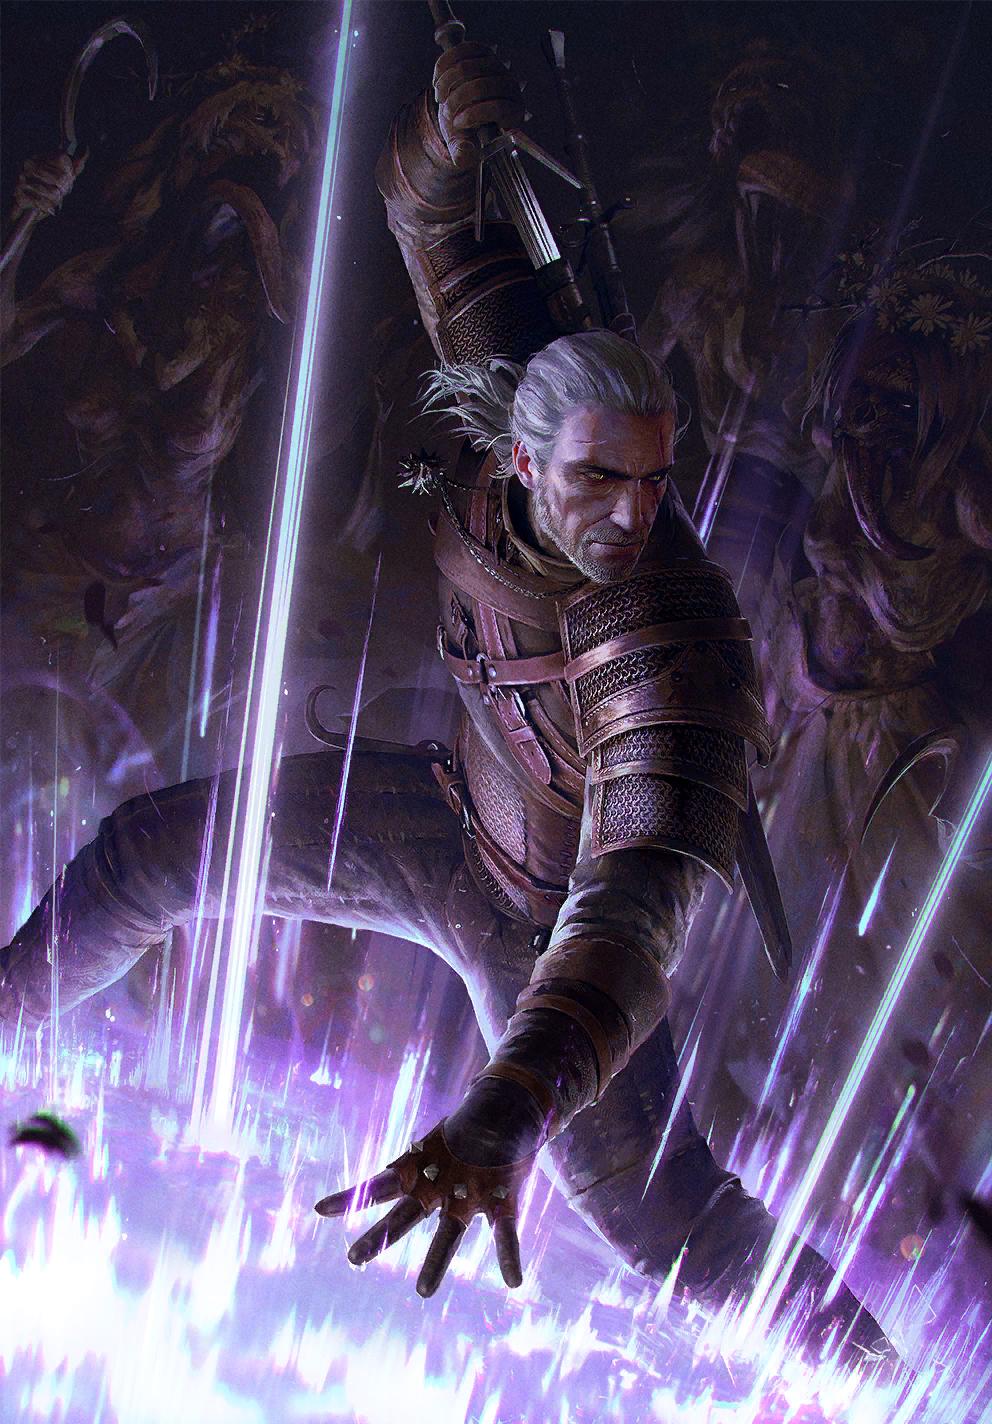 Yrden | Witcher Wiki | FANDOM powered by Wikia